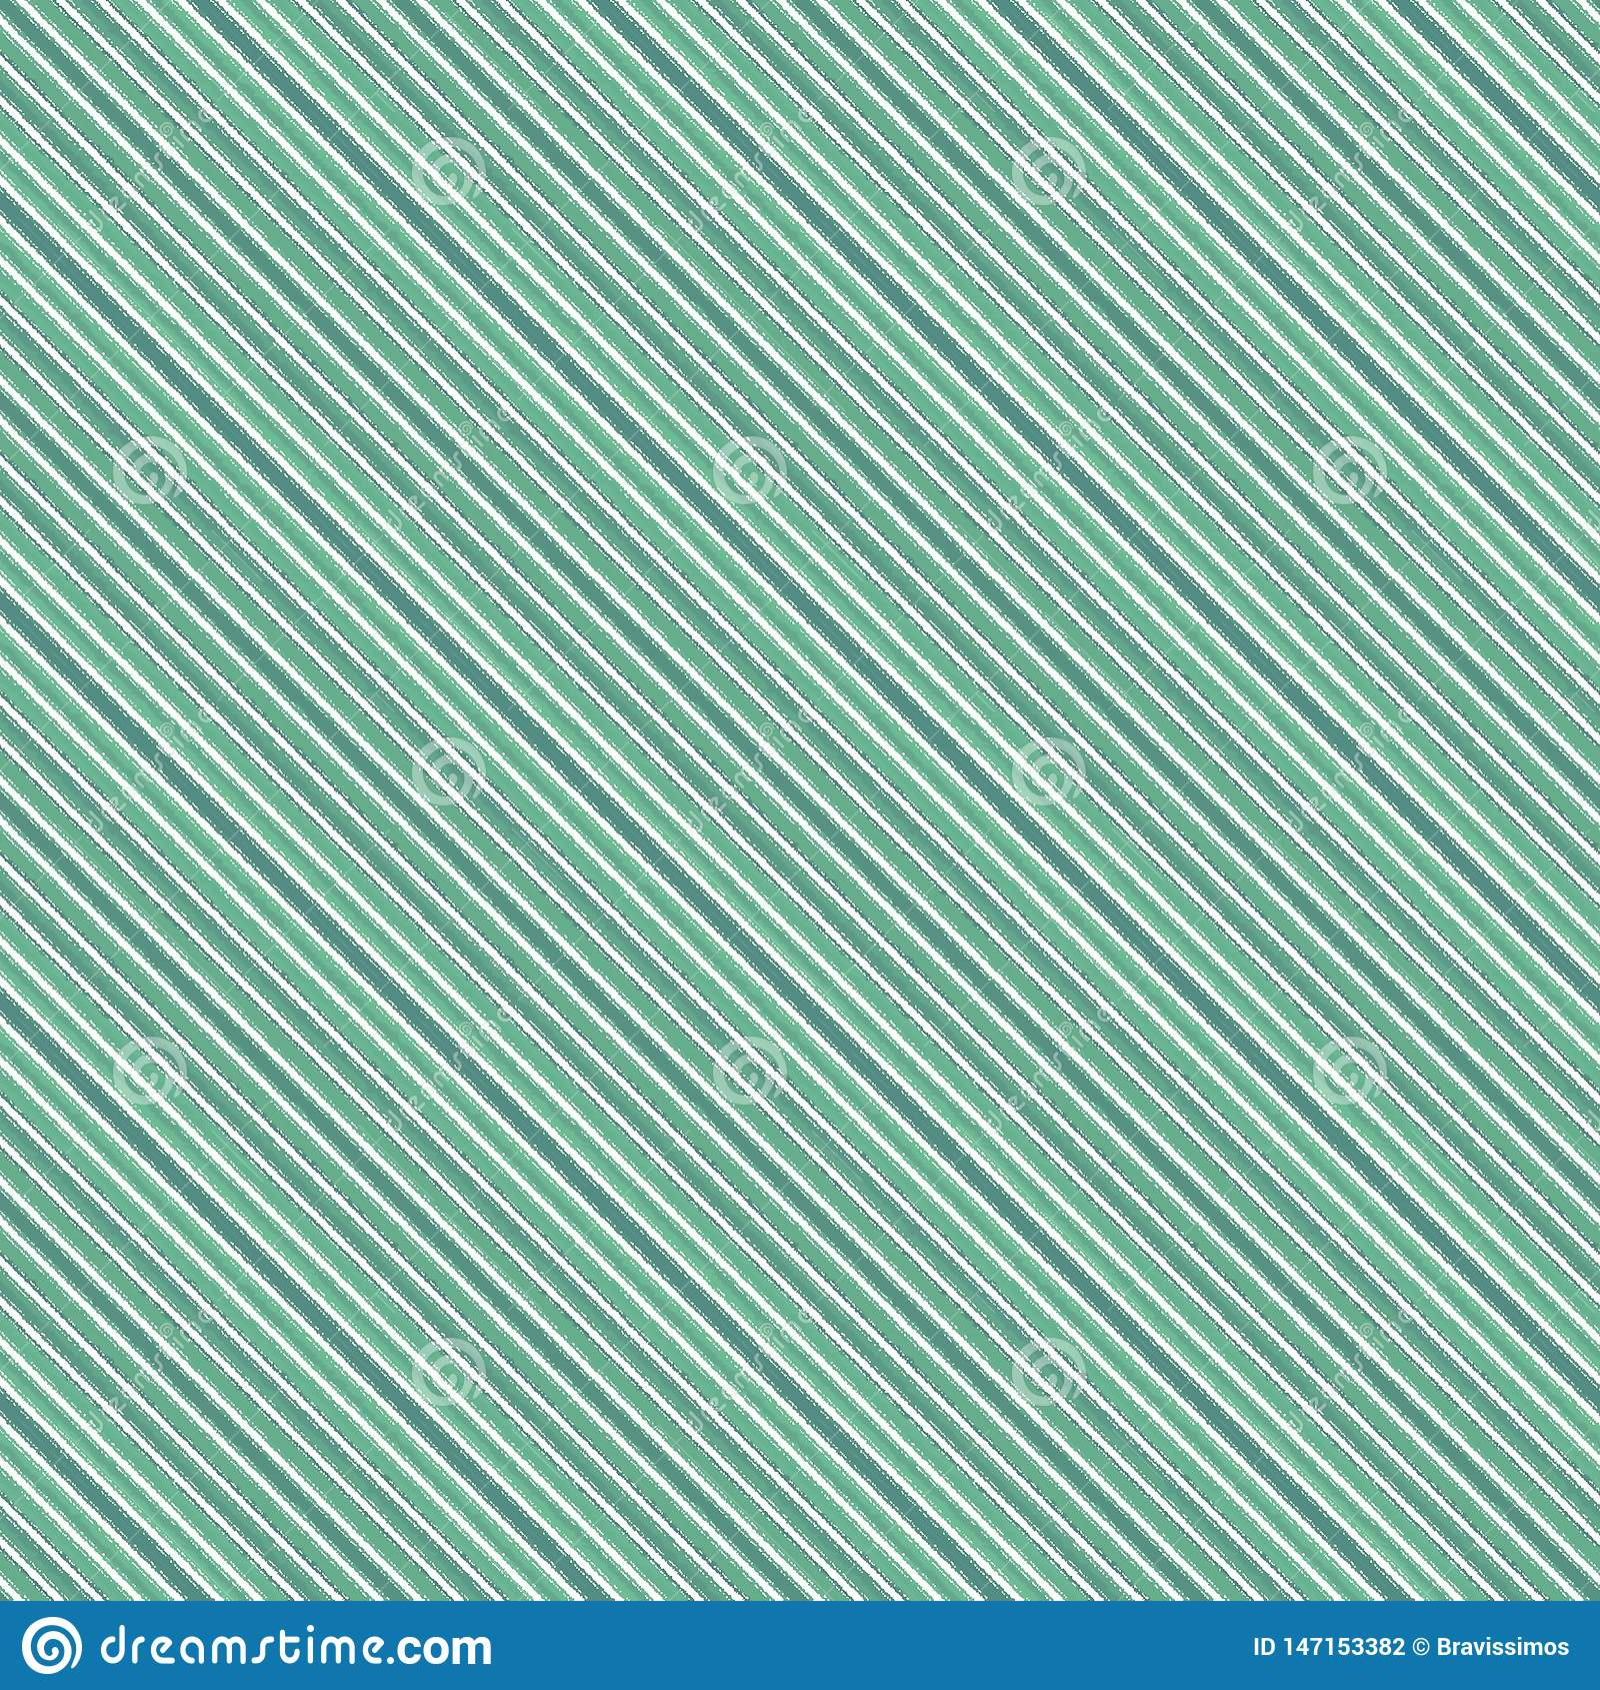 Schrägstreifenlinie Muster nahtlos, Hintergrundgraphik